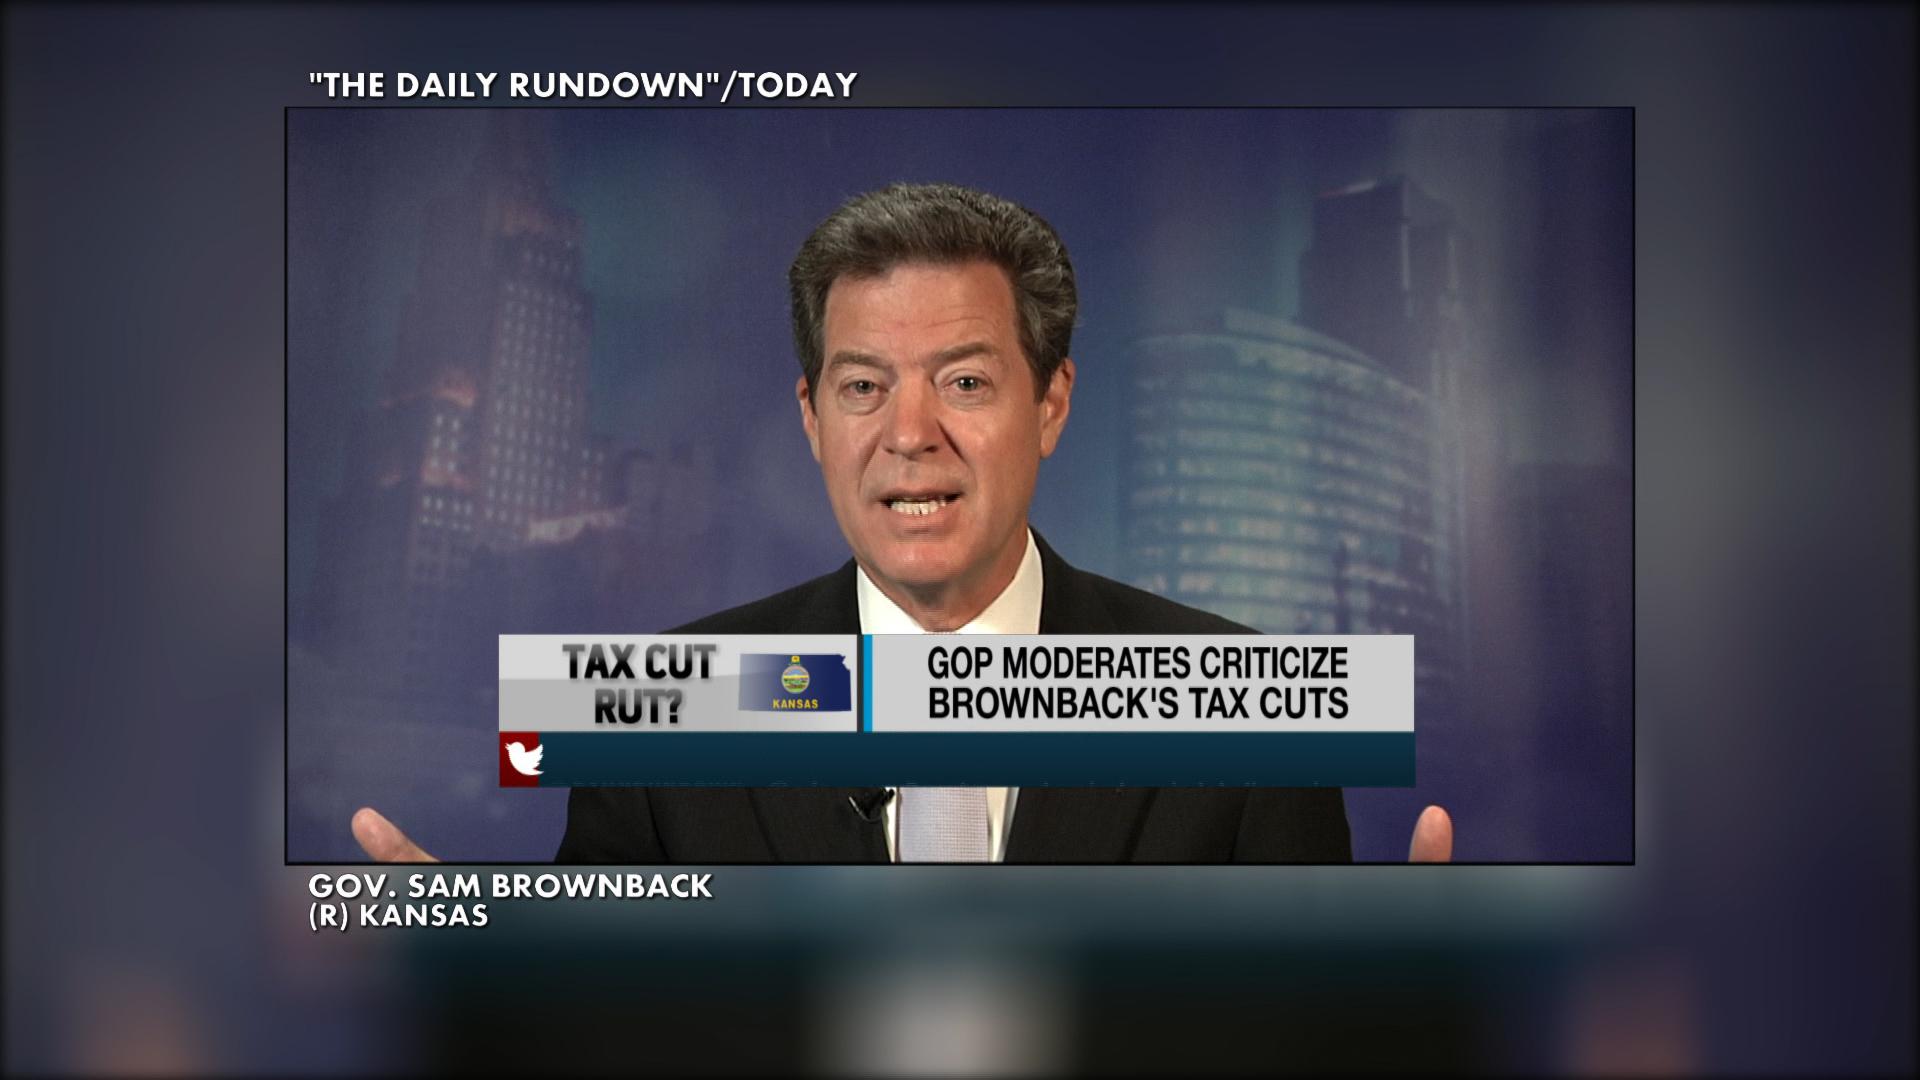 Kansas tax cuts backfire